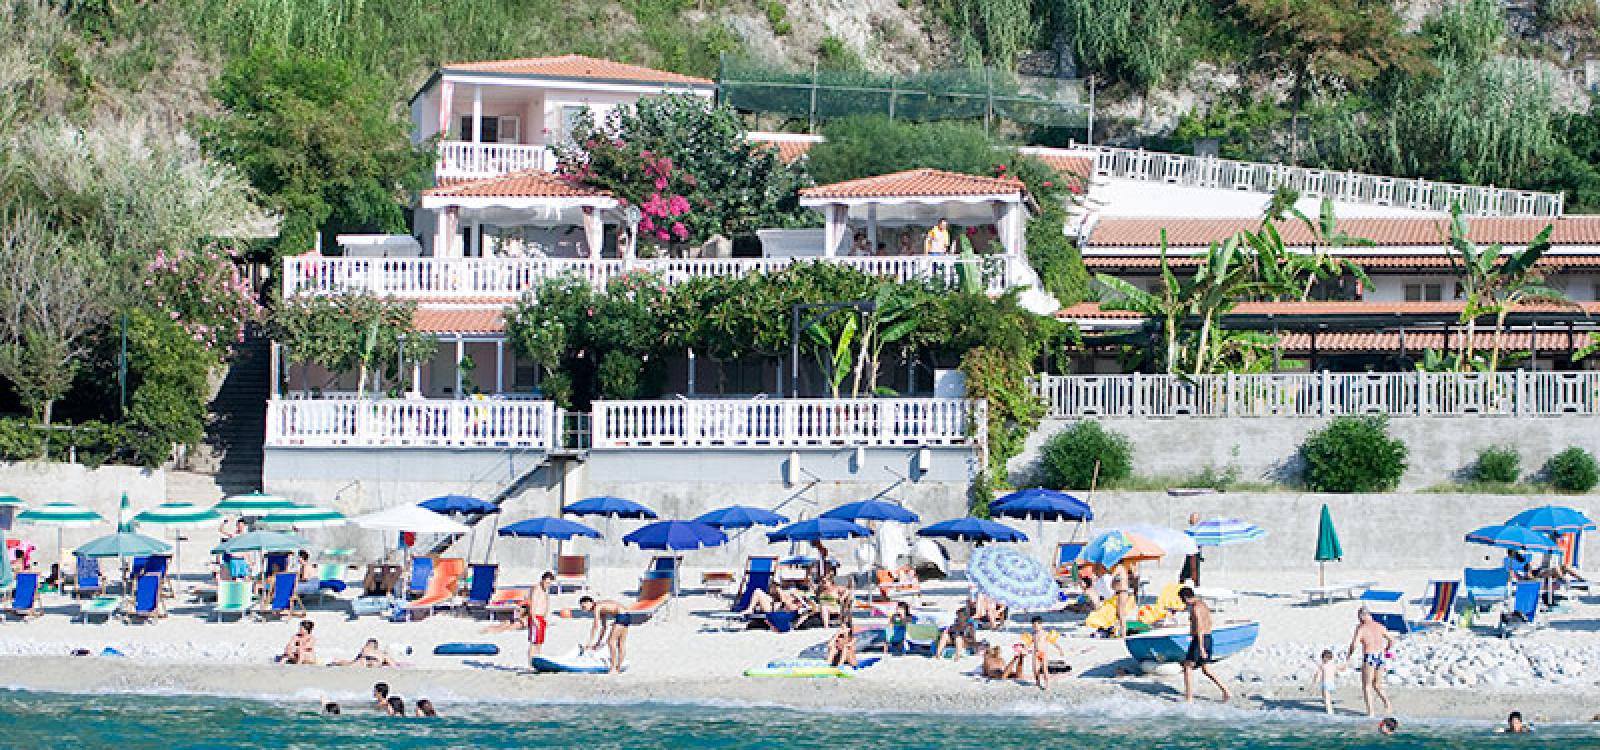 Appartamenti, Affitto per vacanze, Garibaldi, 5 , ID Struttura 1202, Parghelia, Vibo Valentia, Italy, 89861,